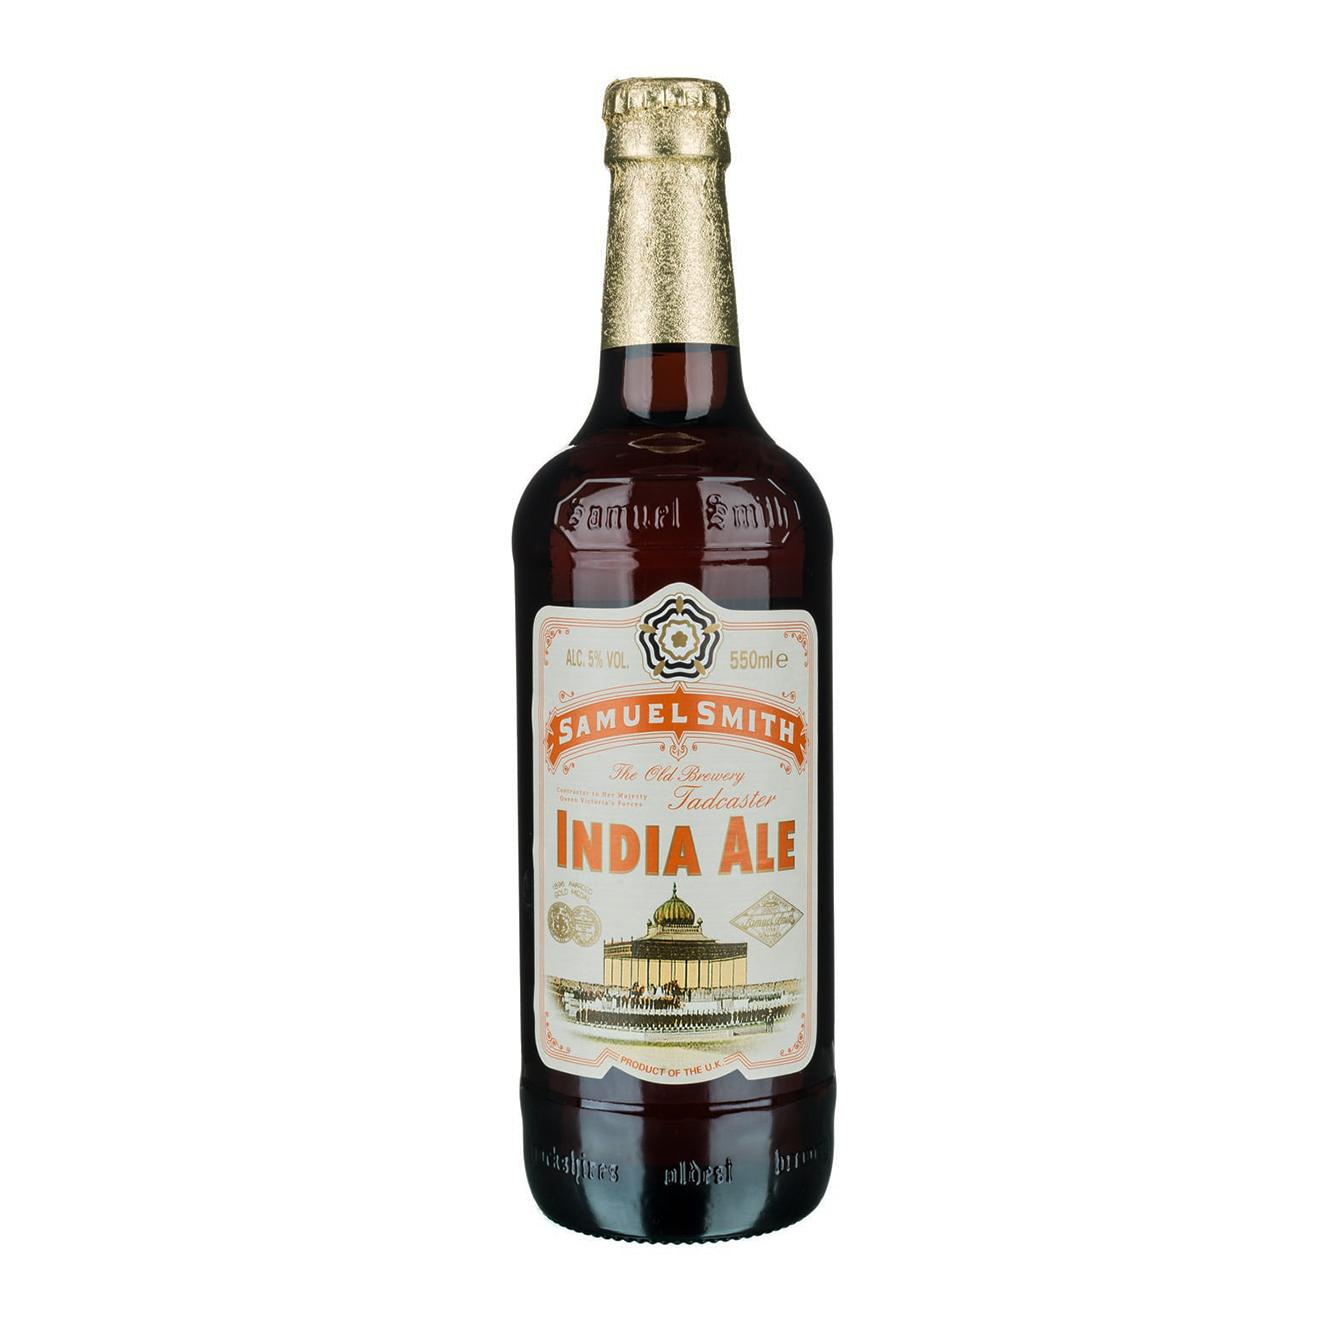 Sam Smith India Ale IPA